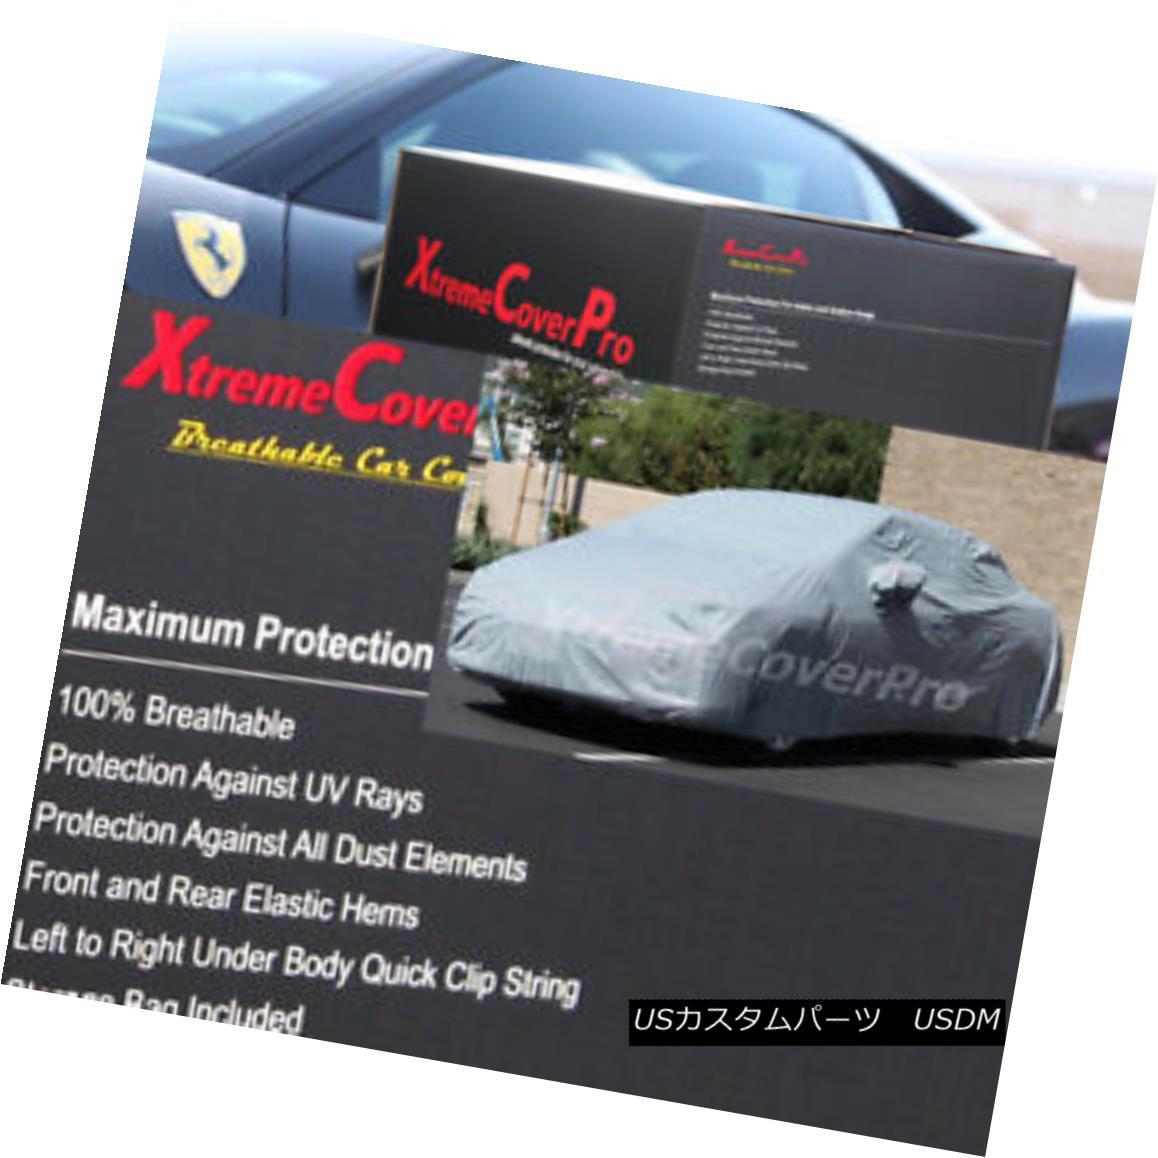 カーカバー 2013 Acura TSX Breathable Car Cover w/MirrorPocket 2013年のアキュラTSX通気性車カバー付きMirrorPocket